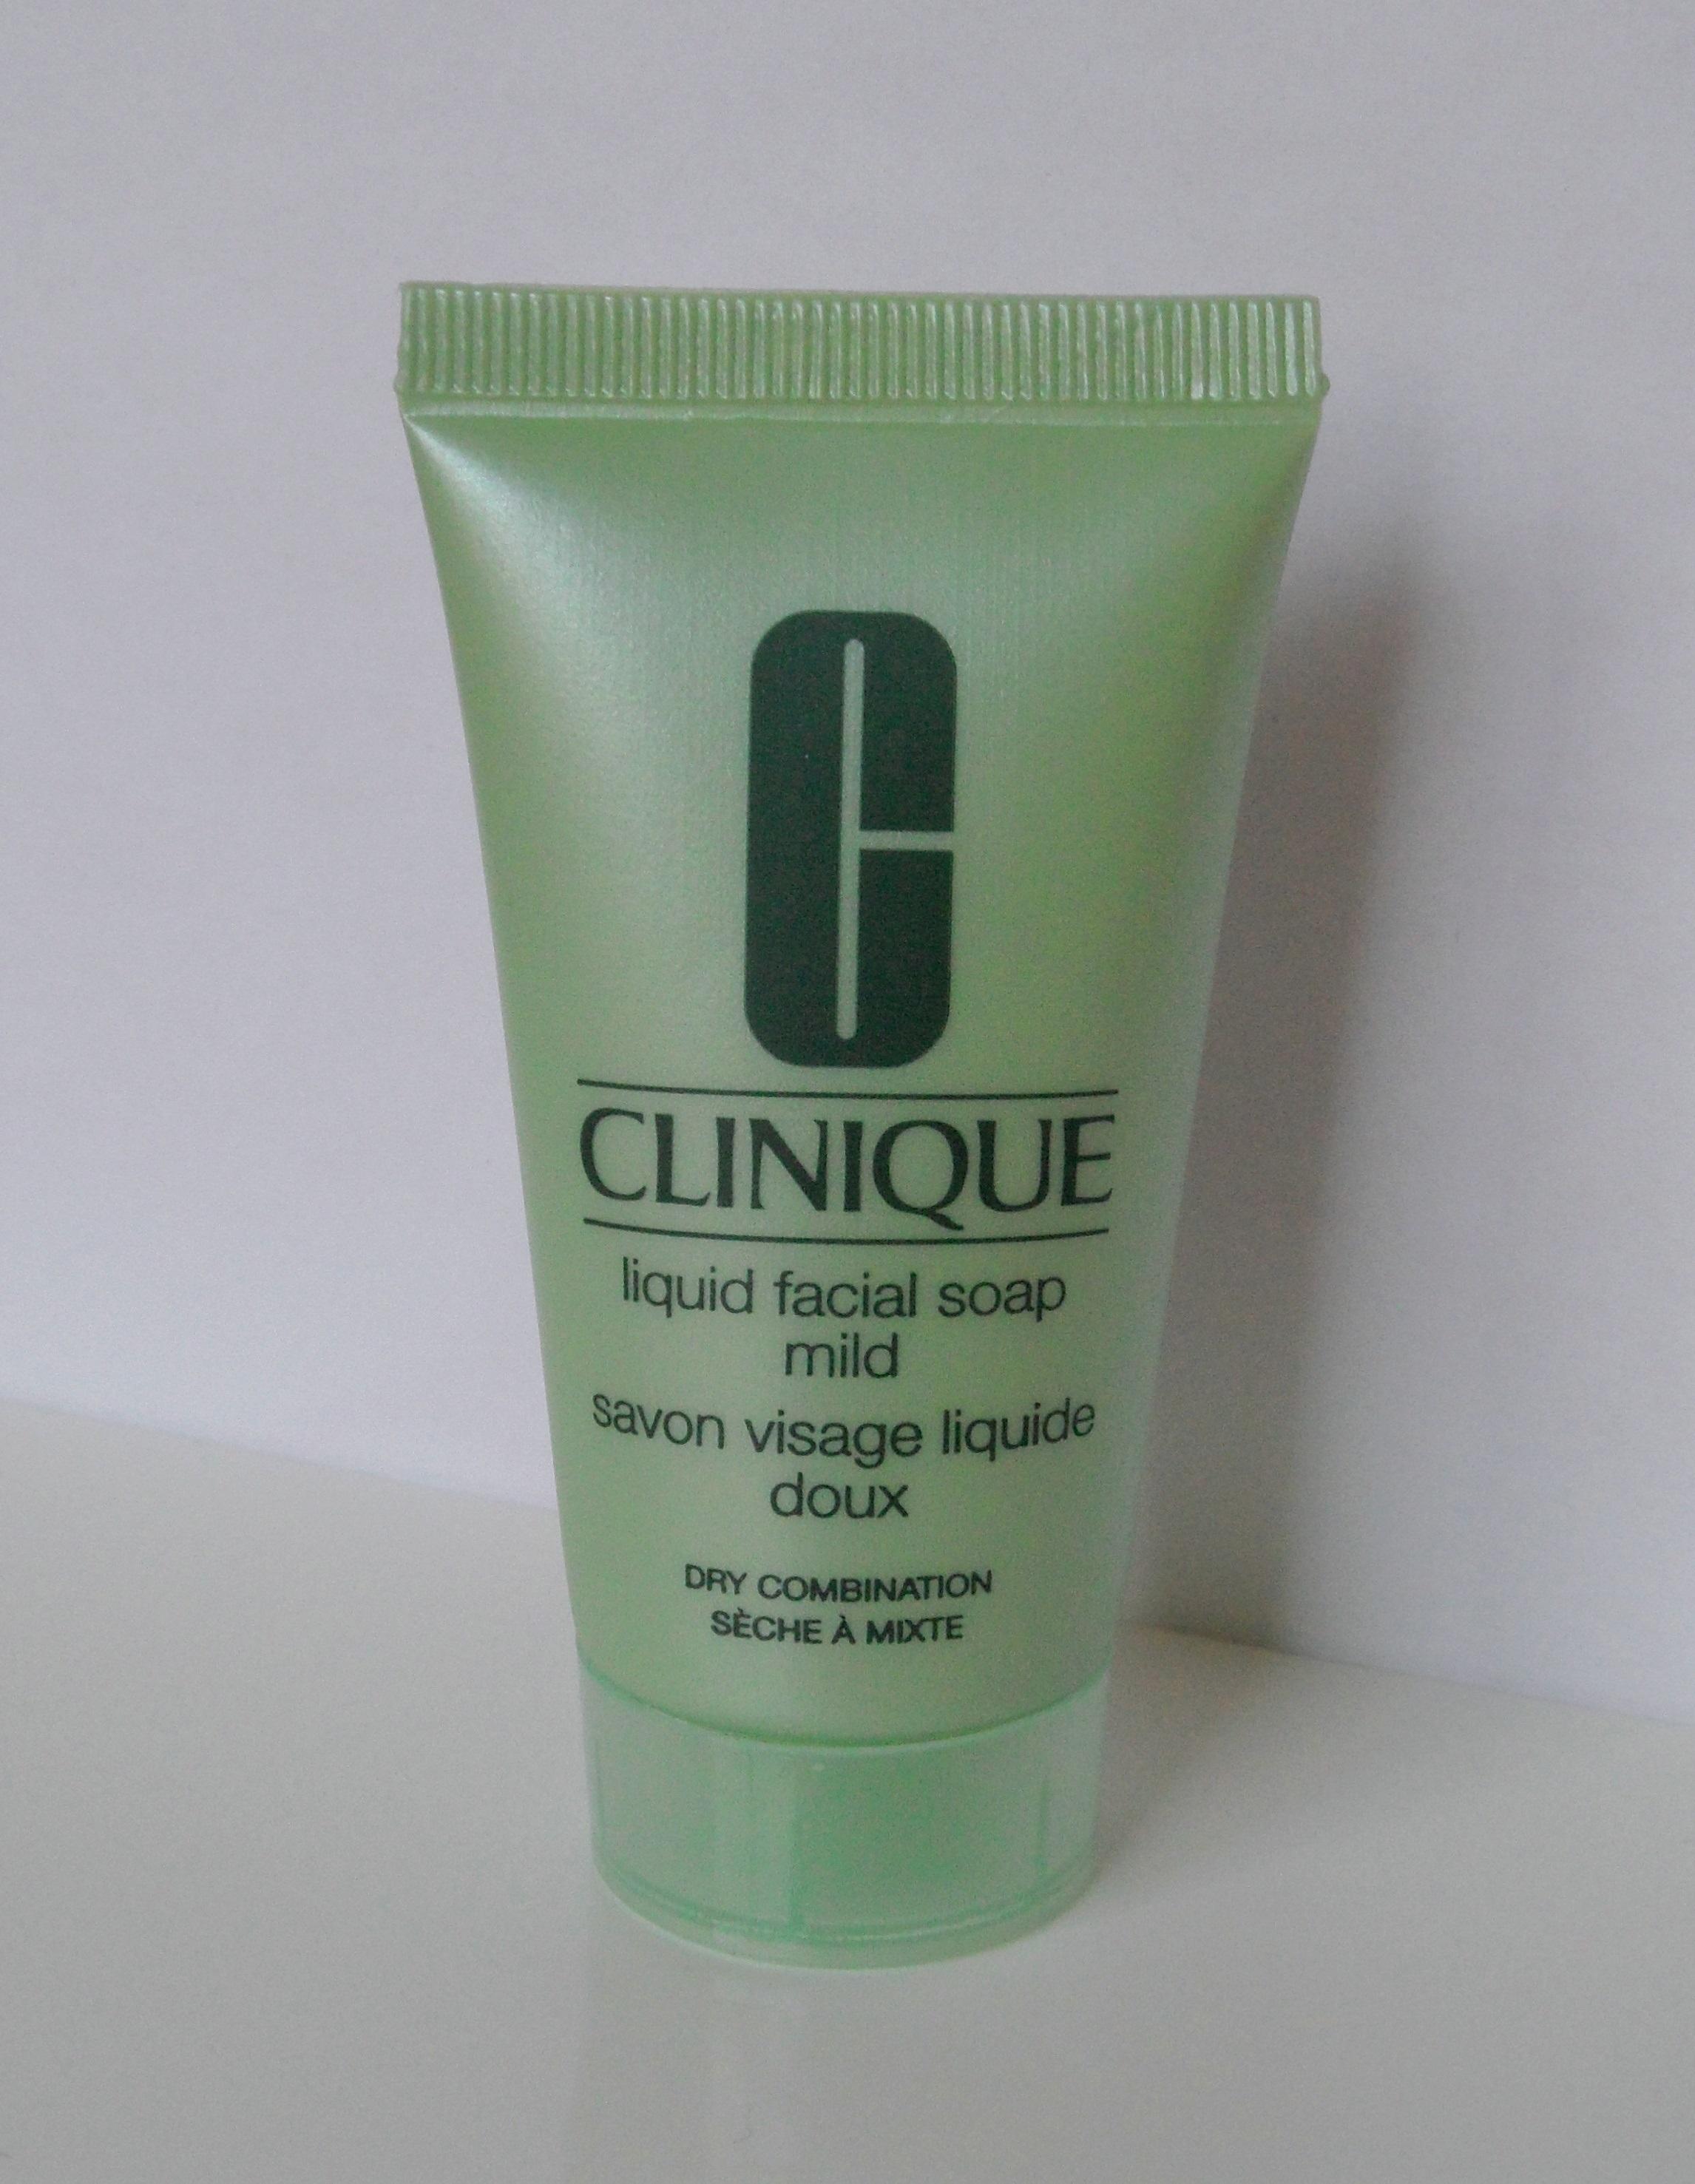 Clinique mild facial soap 52 does